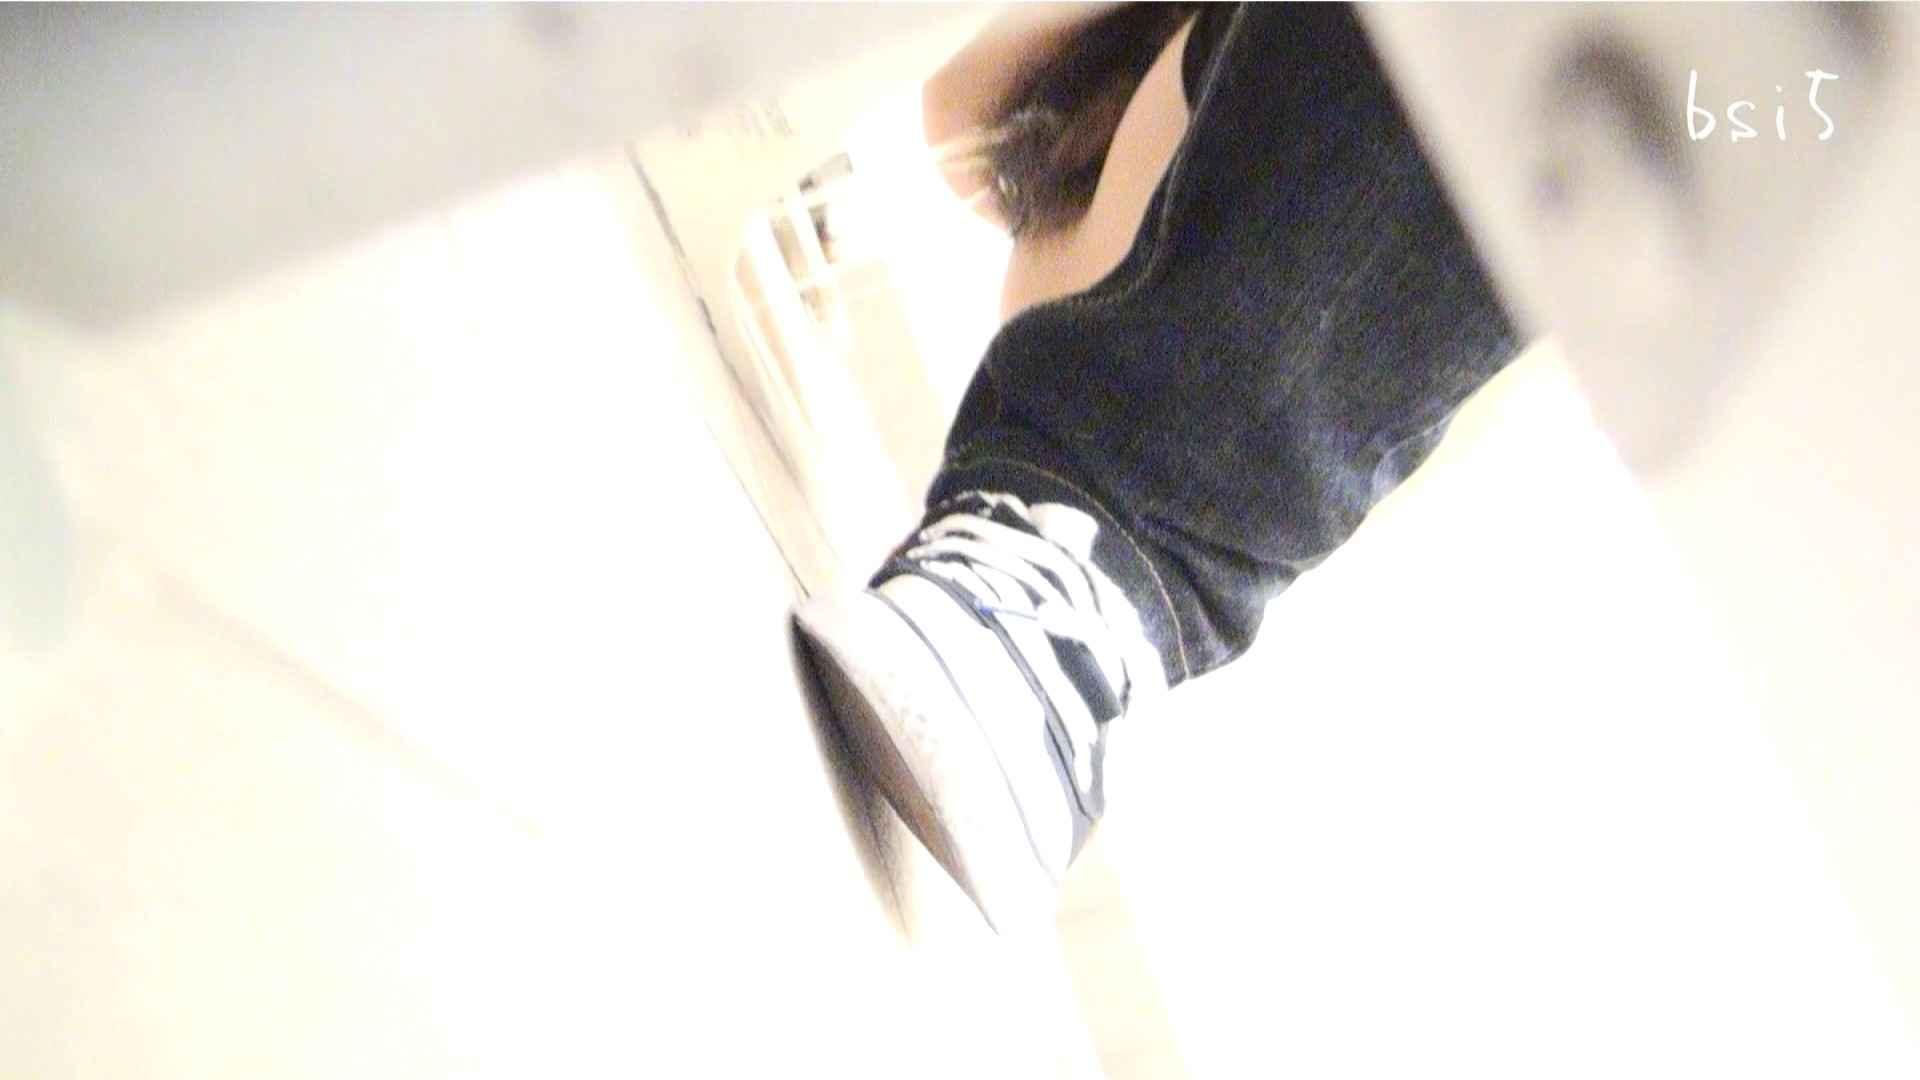 至高下半身盗撮-PREMIUM-【院内病棟編 】 vol.05 洗面所 覗きおまんこ画像 65PIX 11